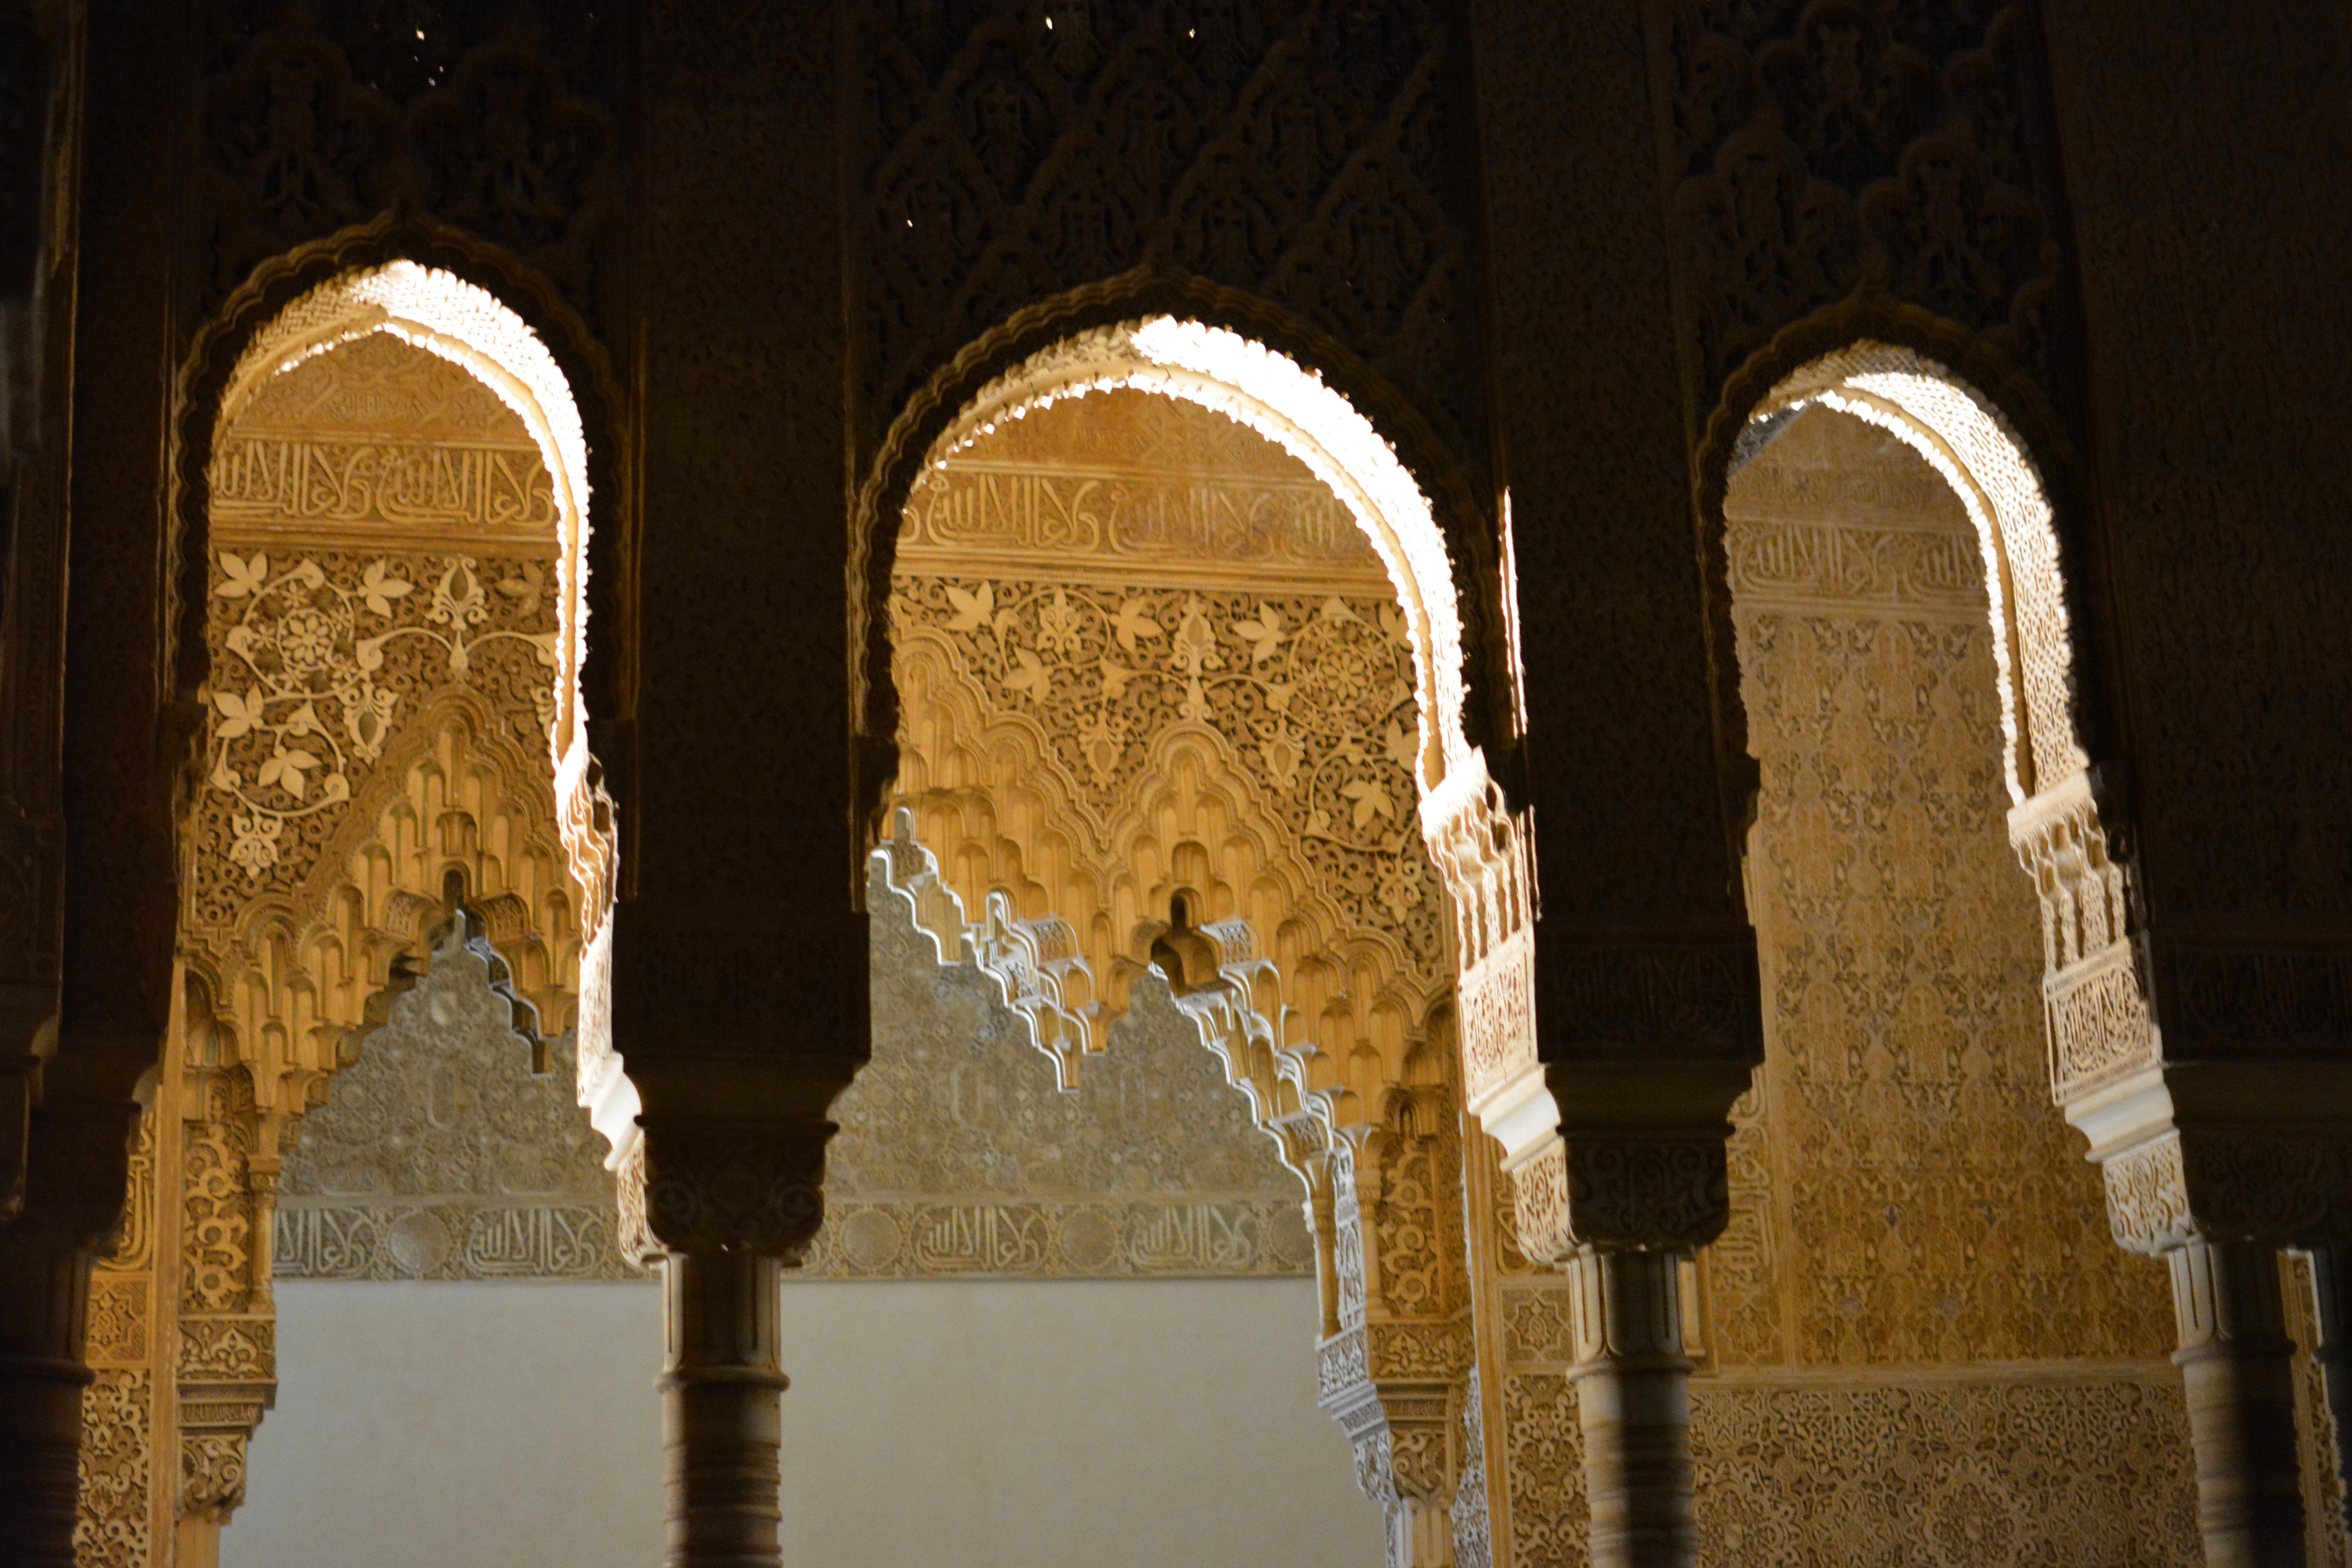 Proctor en Segovia visits the Alhambra